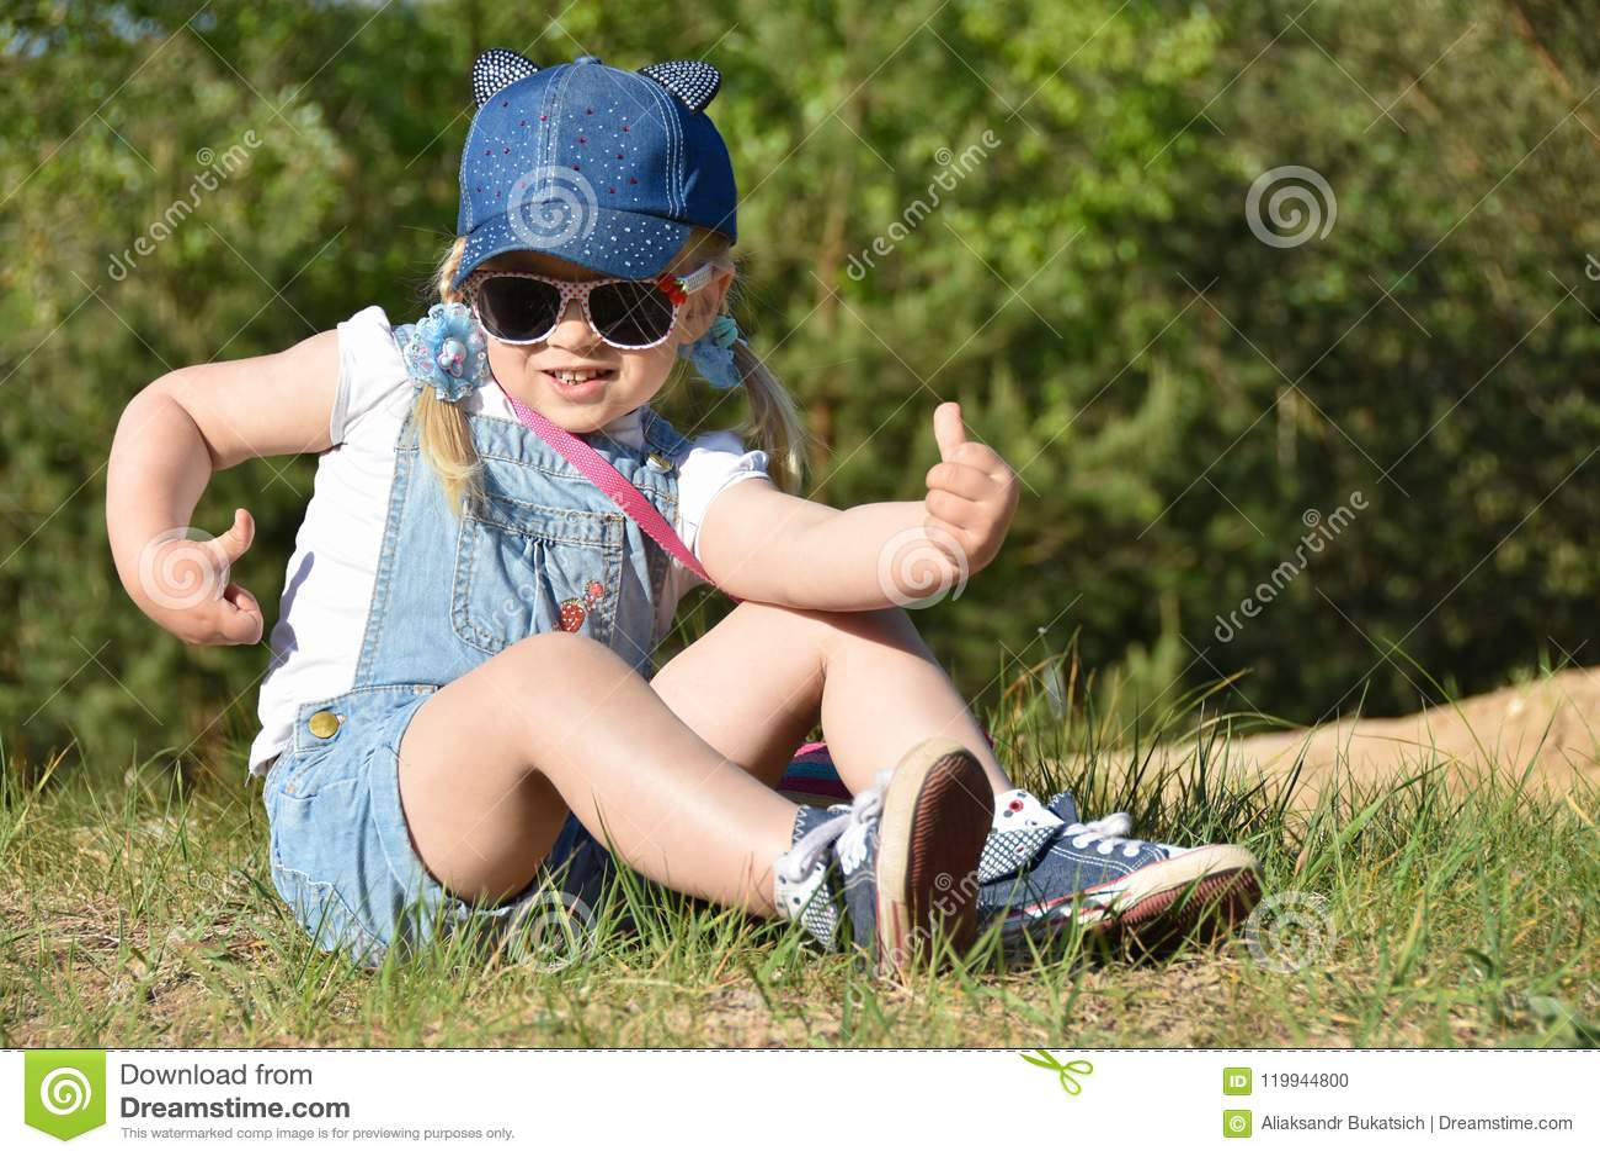 La petite fille est jouante et riante sur la pelouse verte en été